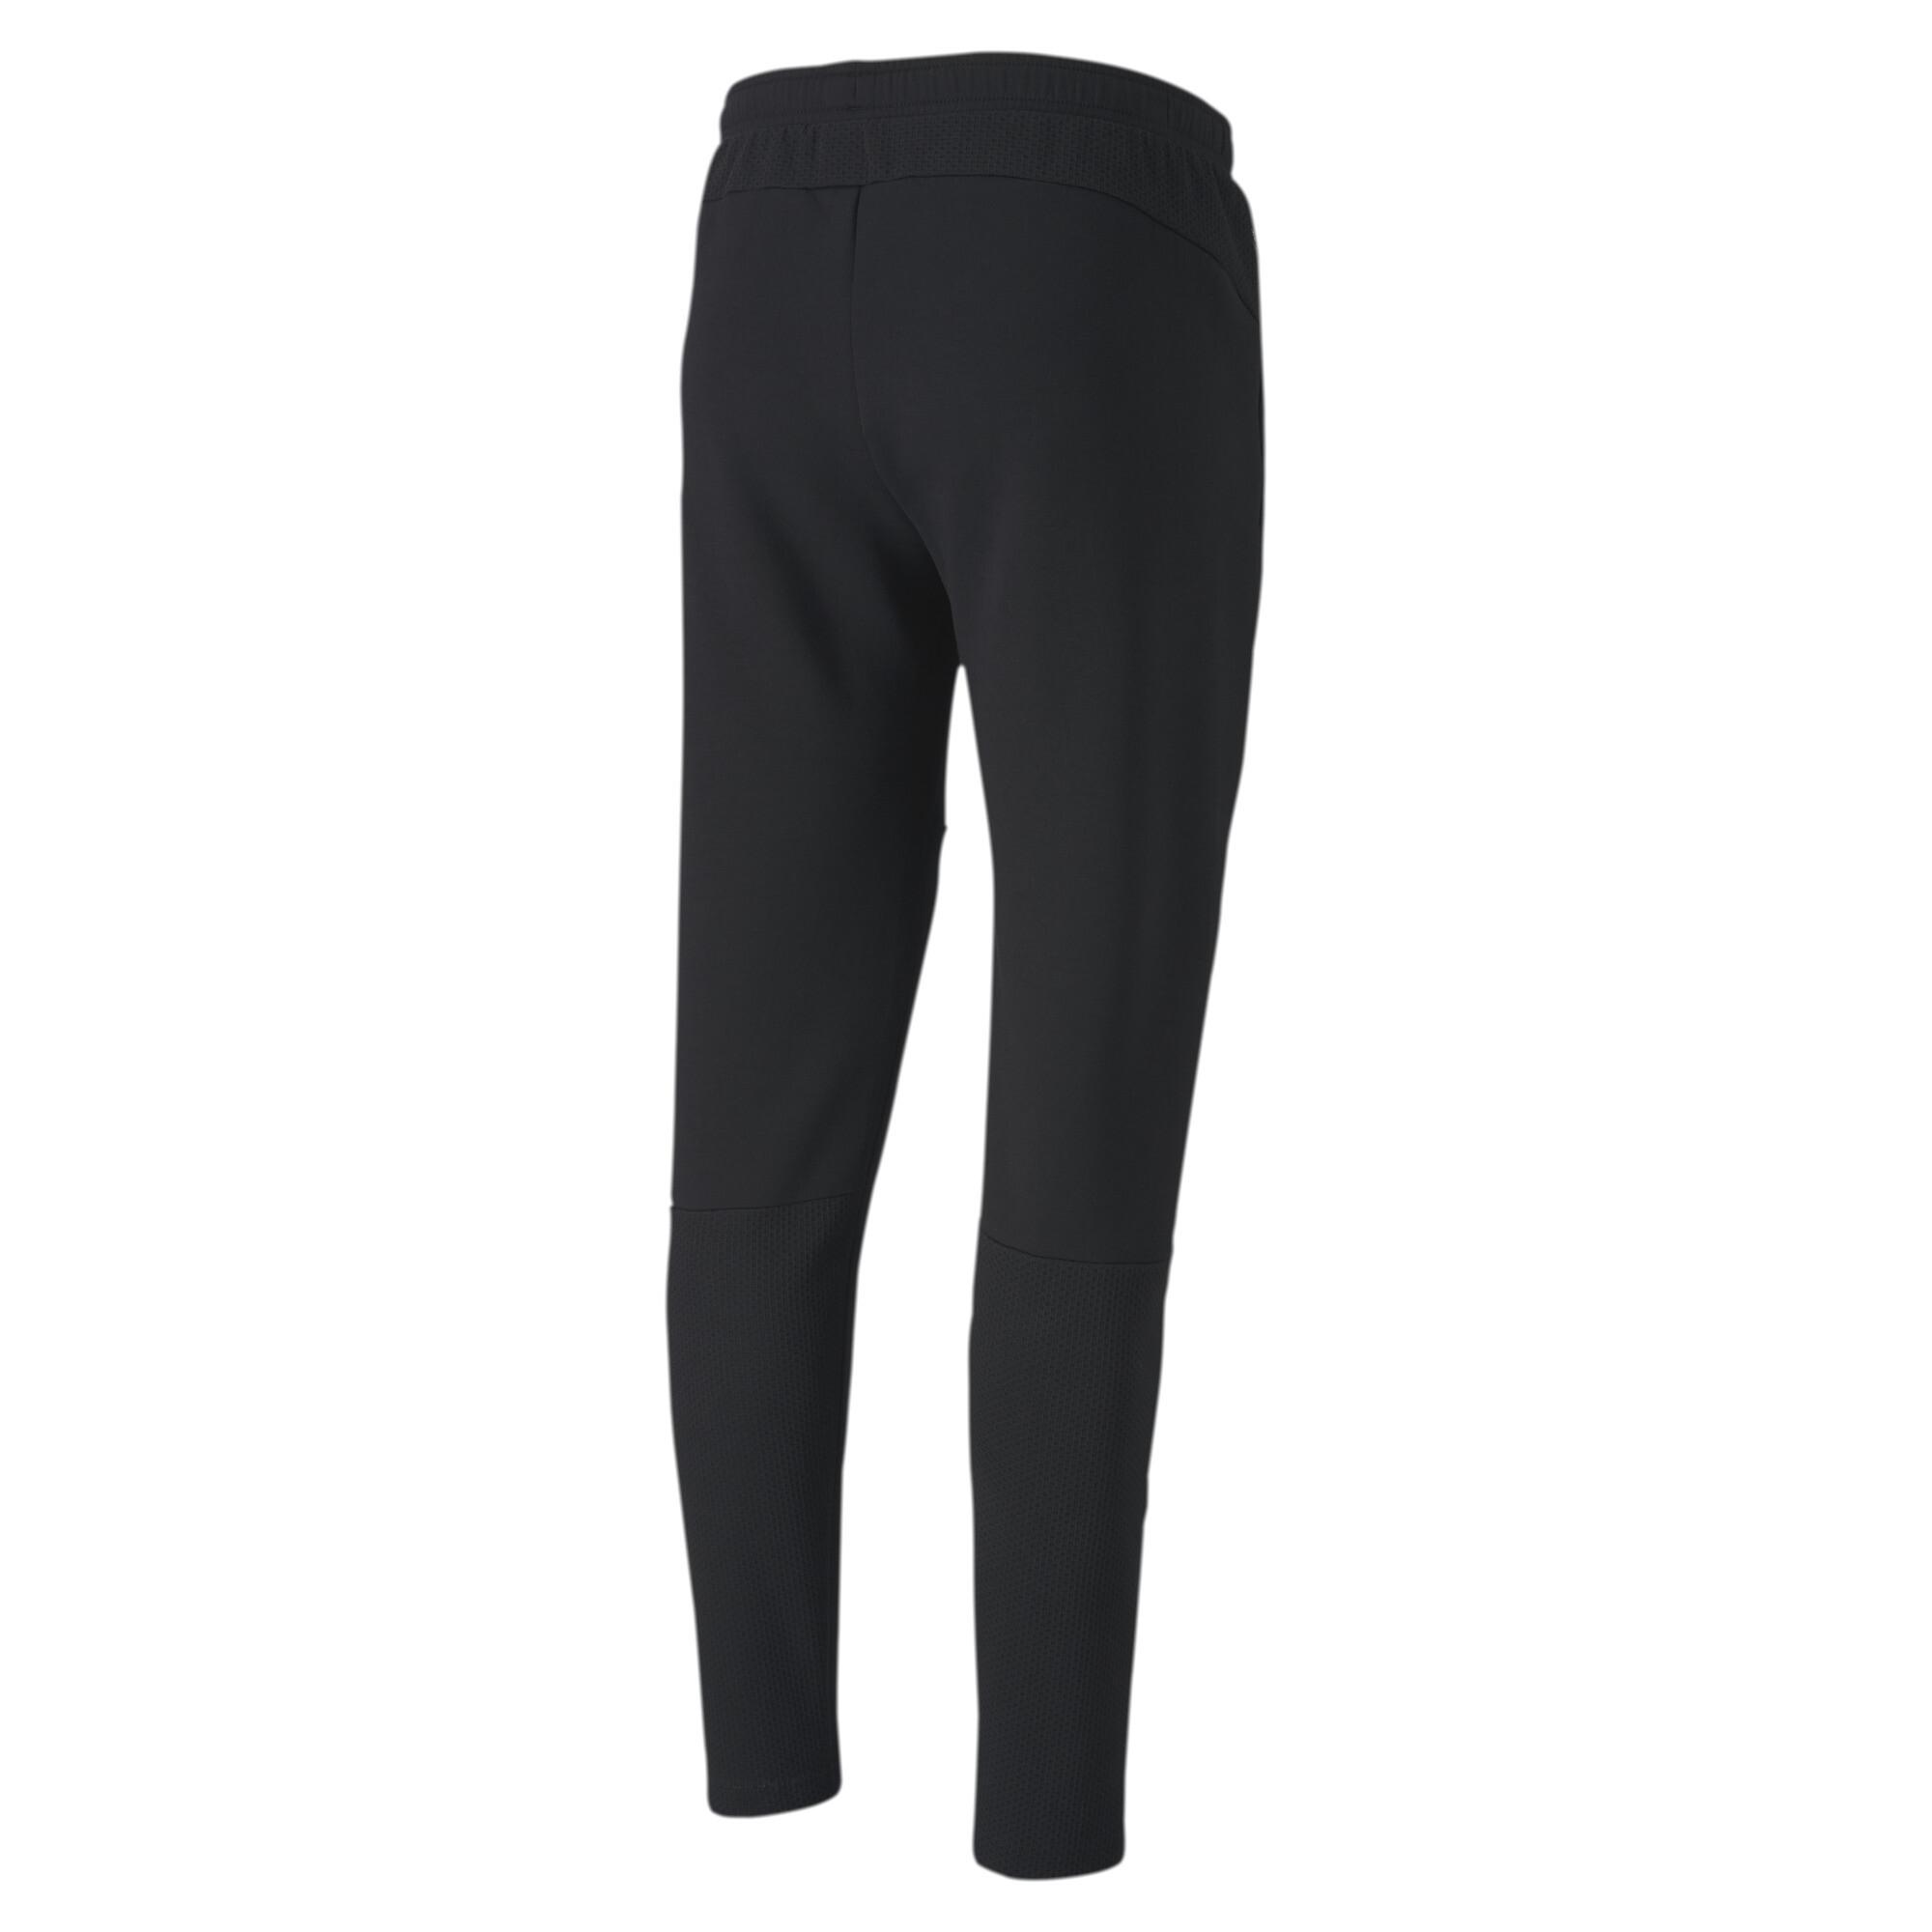 PUMA-Evostripe-Men-039-s-Sweatpants-Men-Knitted-Pants-Basics thumbnail 3